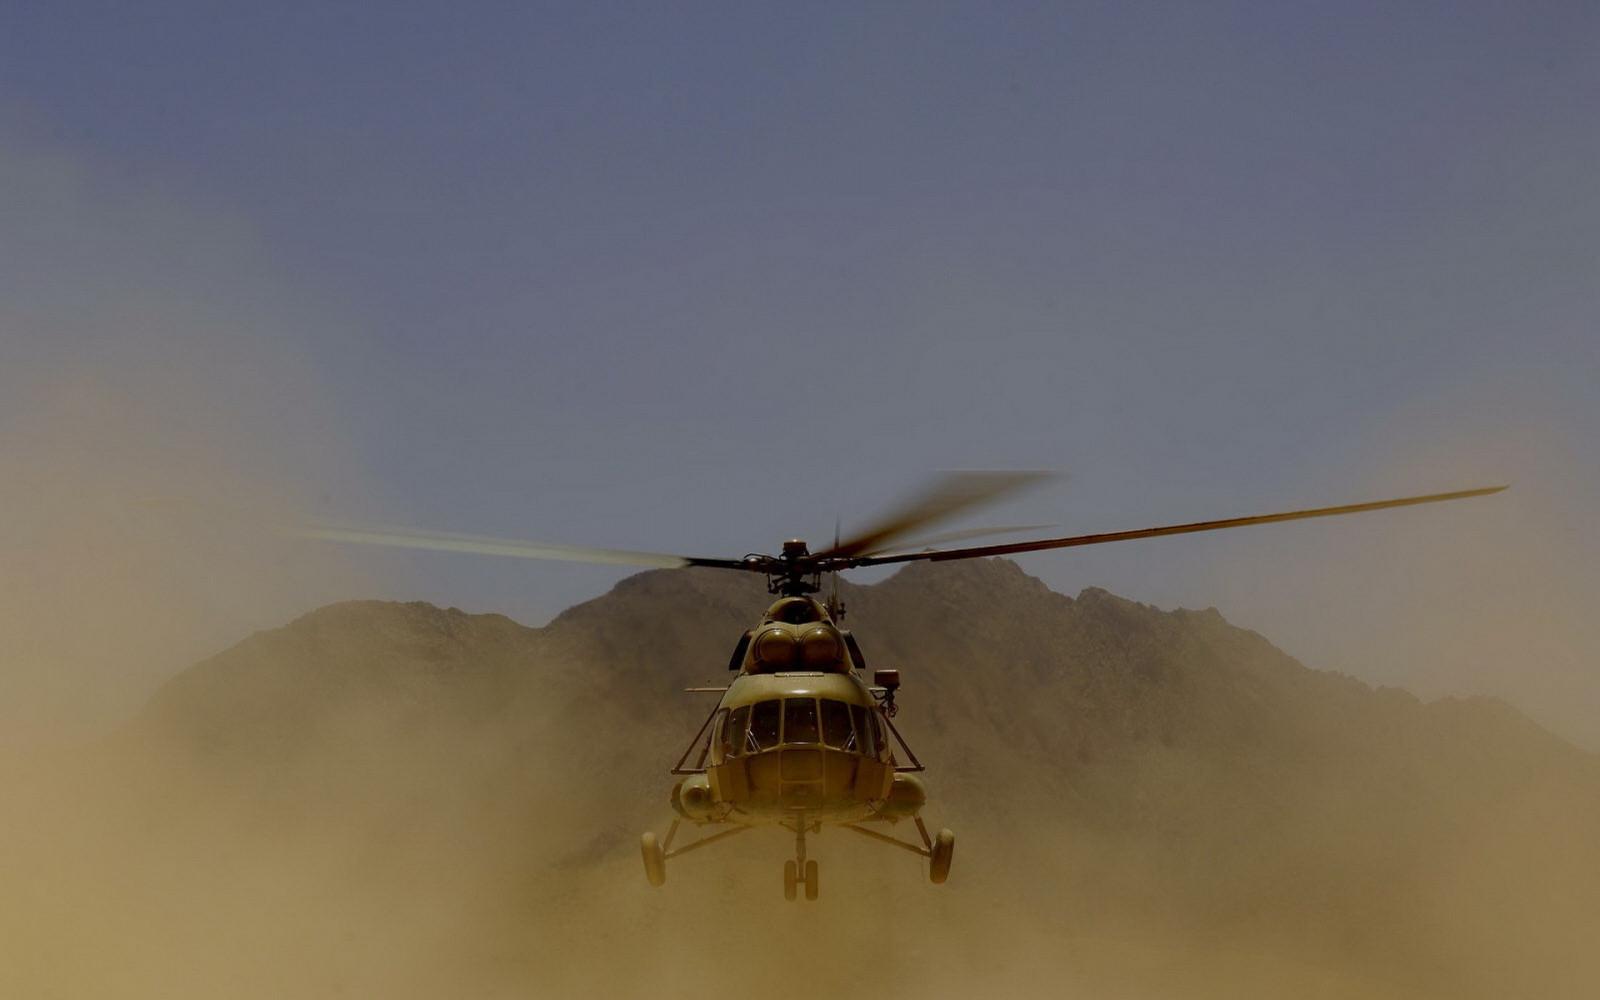 фото вертолета ми 17 высокого качества